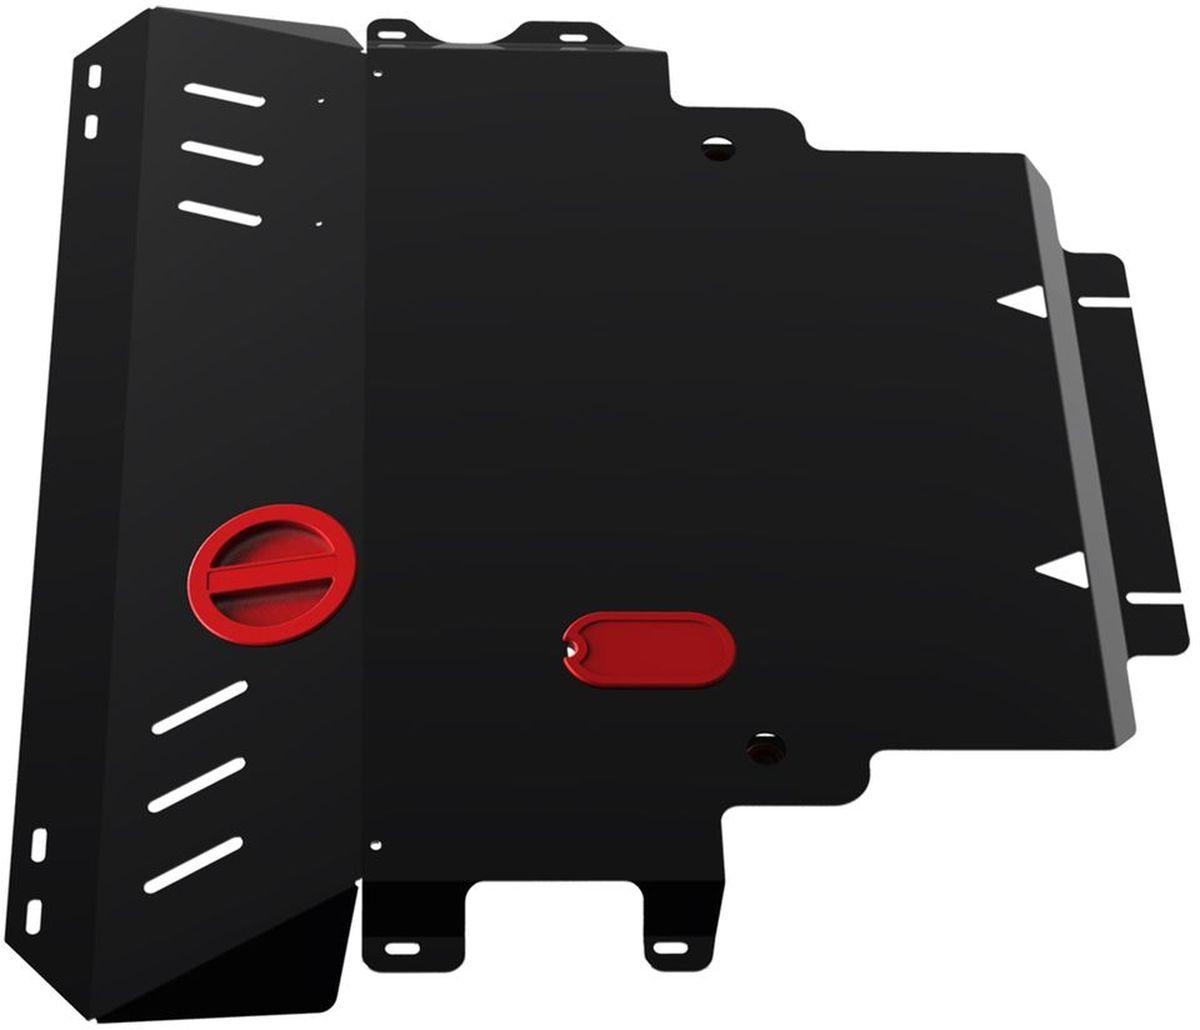 Защита картера и КПП Автоброня Mazda 3 2003-2008/Mazda 5 2005-2010/Mazda Premacy 2005-2010, сталь 2 мм111.03802.2Защита картера и КПП Автоброня для Mazda 3, V - 1,6; 2,0 2003-2008/Mazda 5 2005-2010/Mazda Premacy 2005-2010, сталь 2 мм, комплект крепежа, 111.03802.2Стальные защиты Автоброня надежно защищают ваш автомобиль от повреждений при наезде на бордюры, выступающие канализационные люки, кромки поврежденного асфальта или при ремонте дорог, не говоря уже о загородных дорогах.- Имеют оптимальное соотношение цена-качество.- Спроектированы с учетом особенностей автомобиля, что делает установку удобной.- Защита устанавливается в штатные места кузова автомобиля.- Является надежной защитой для важных элементов на протяжении долгих лет.- Глубокий штамп дополнительно усиливает конструкцию защиты.- Подштамповка в местах крепления защищает крепеж от срезания.- Технологические отверстия там, где они необходимы для смены масла и слива воды, оборудованные заглушками, закрепленными на защите.Толщина стали 2 мм.В комплекте крепеж и инструкция по установке.